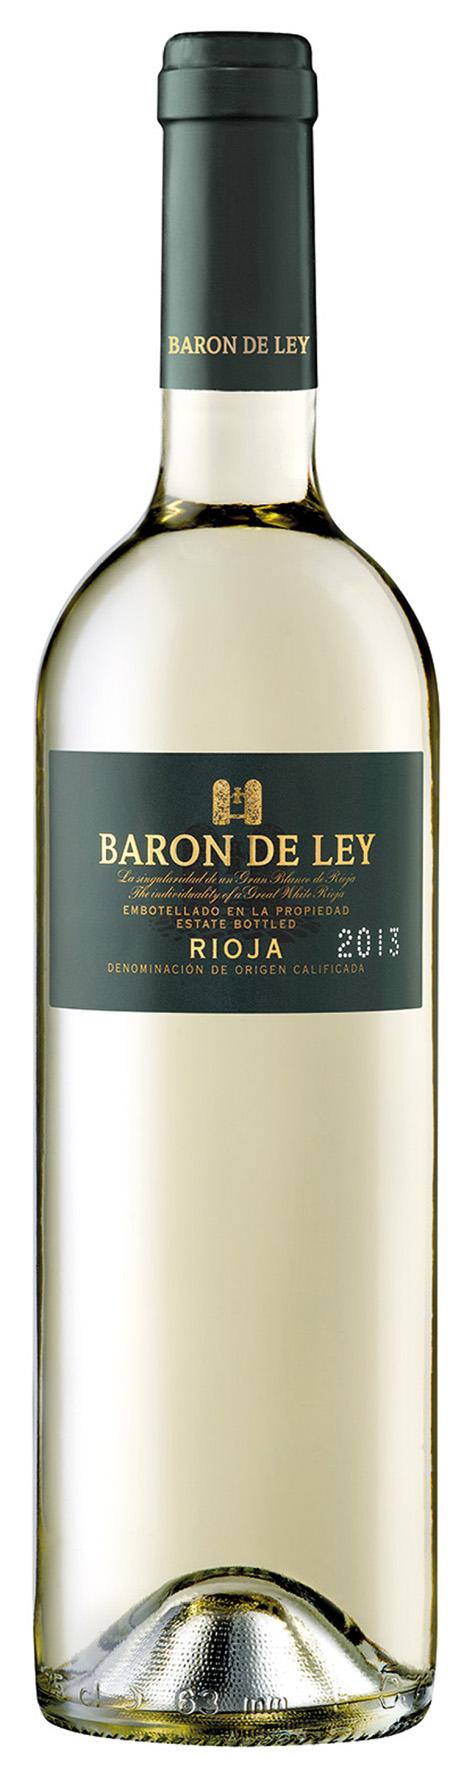 2016 Baron de Ley White DOCa Rioja